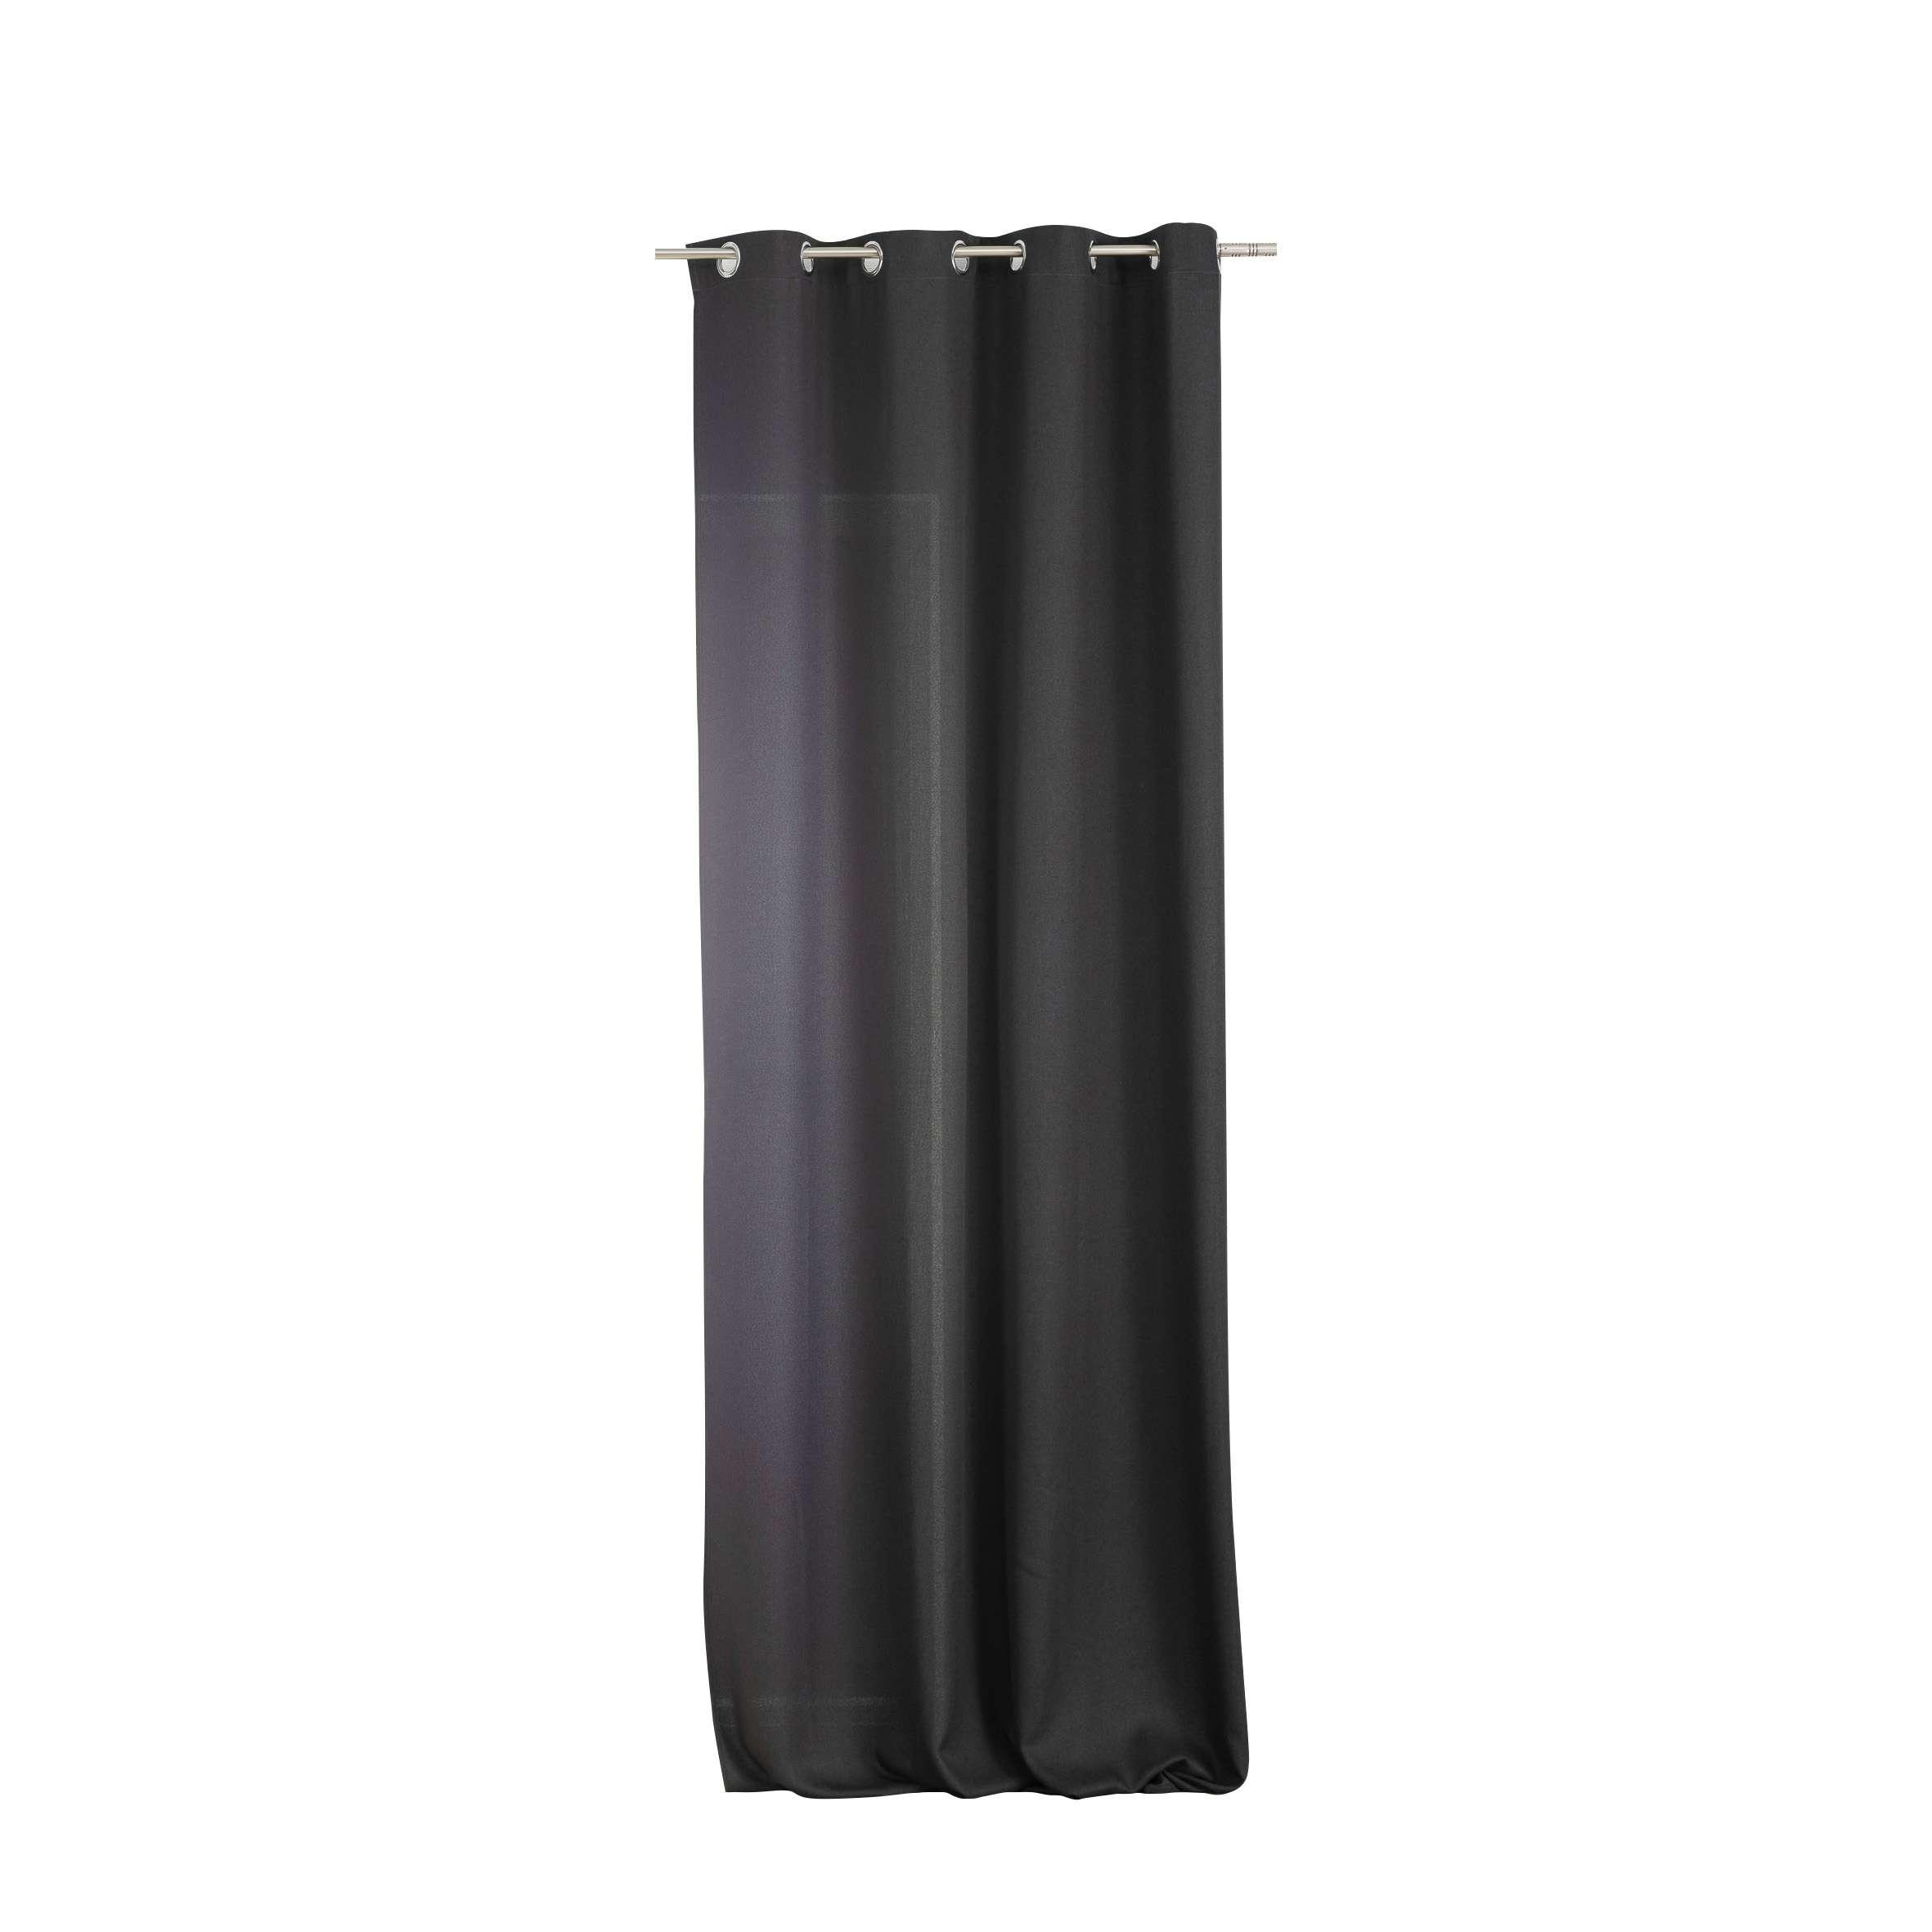 Zasłona BASIC na kółkach 140x280cm antracytowy 1 szt.